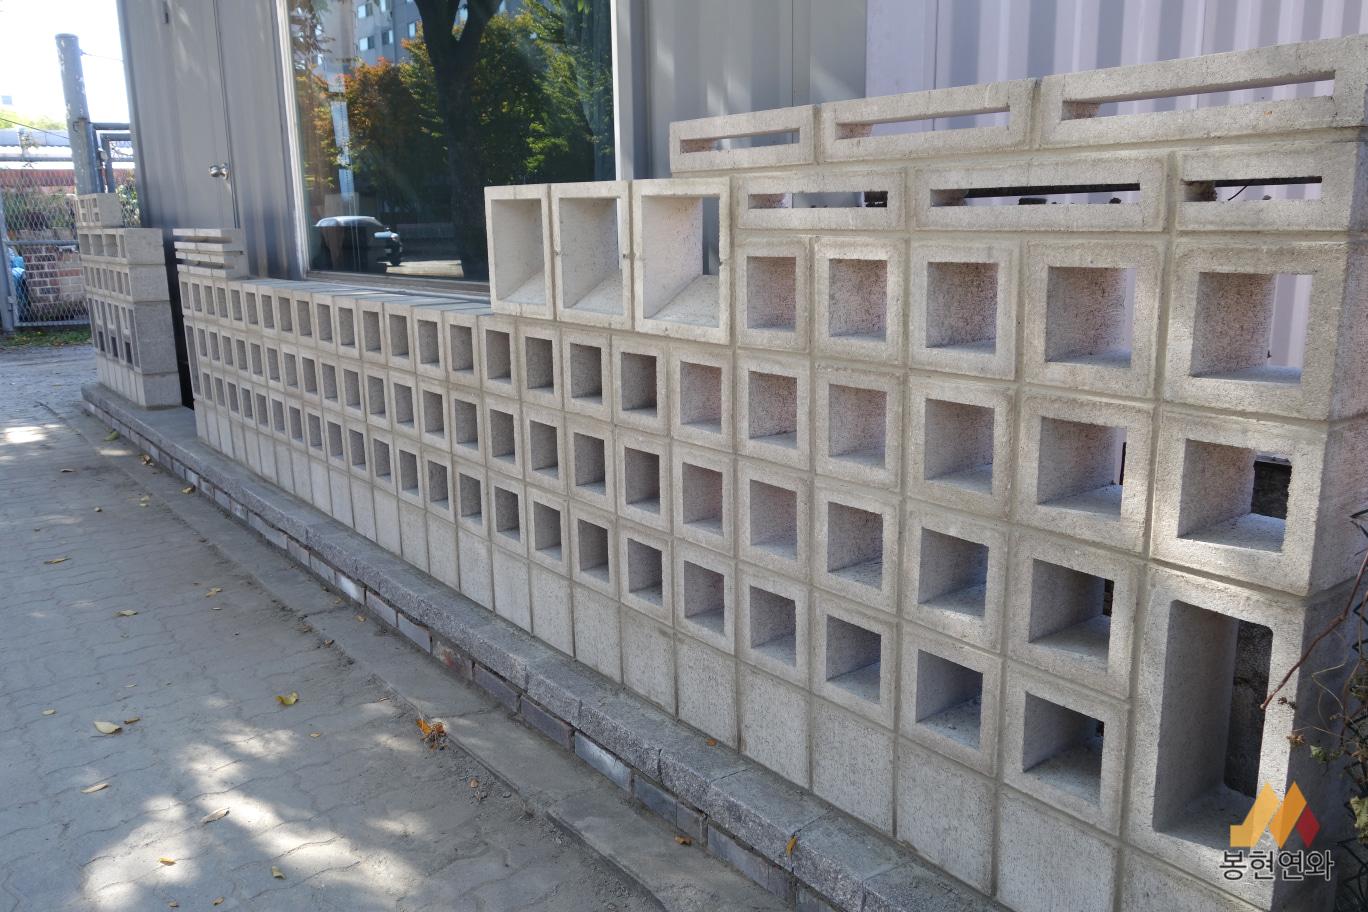 디자인블럭 인테리어벽돌 큐브블럭 소품벽돌 팝니다.